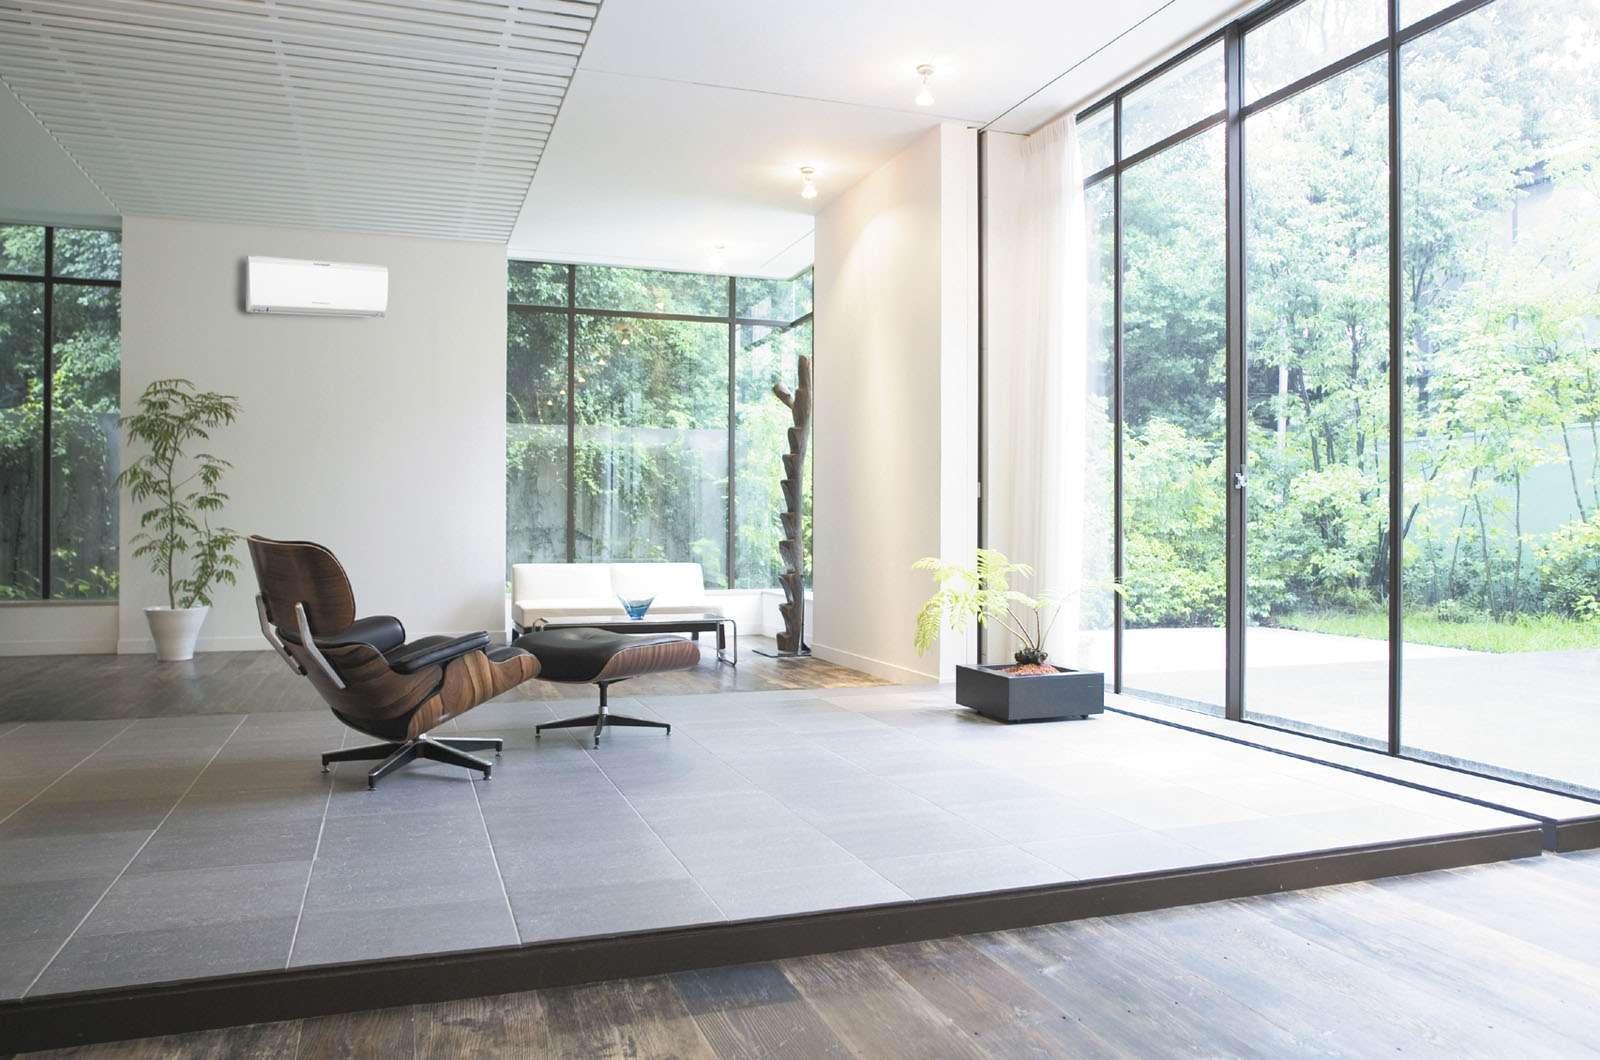 airco voor in huis airvek airconditioning heeft ervaring